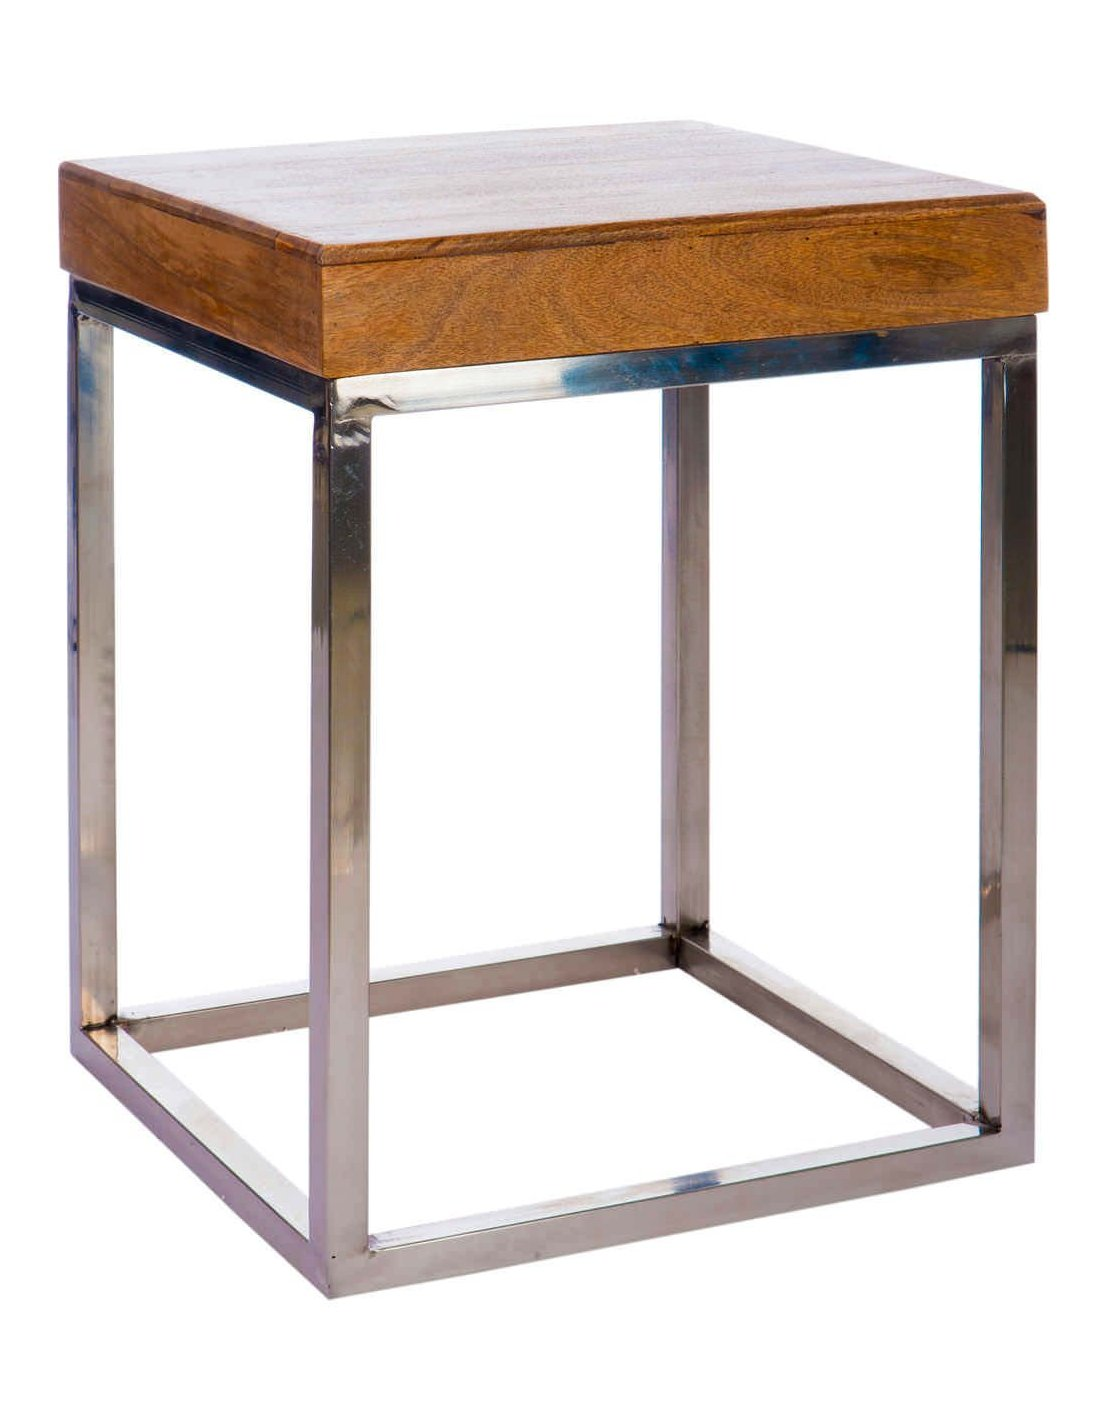 Table Gigogne Boismetal Naturel 45x45x60cm à 36490 Chez Recolle